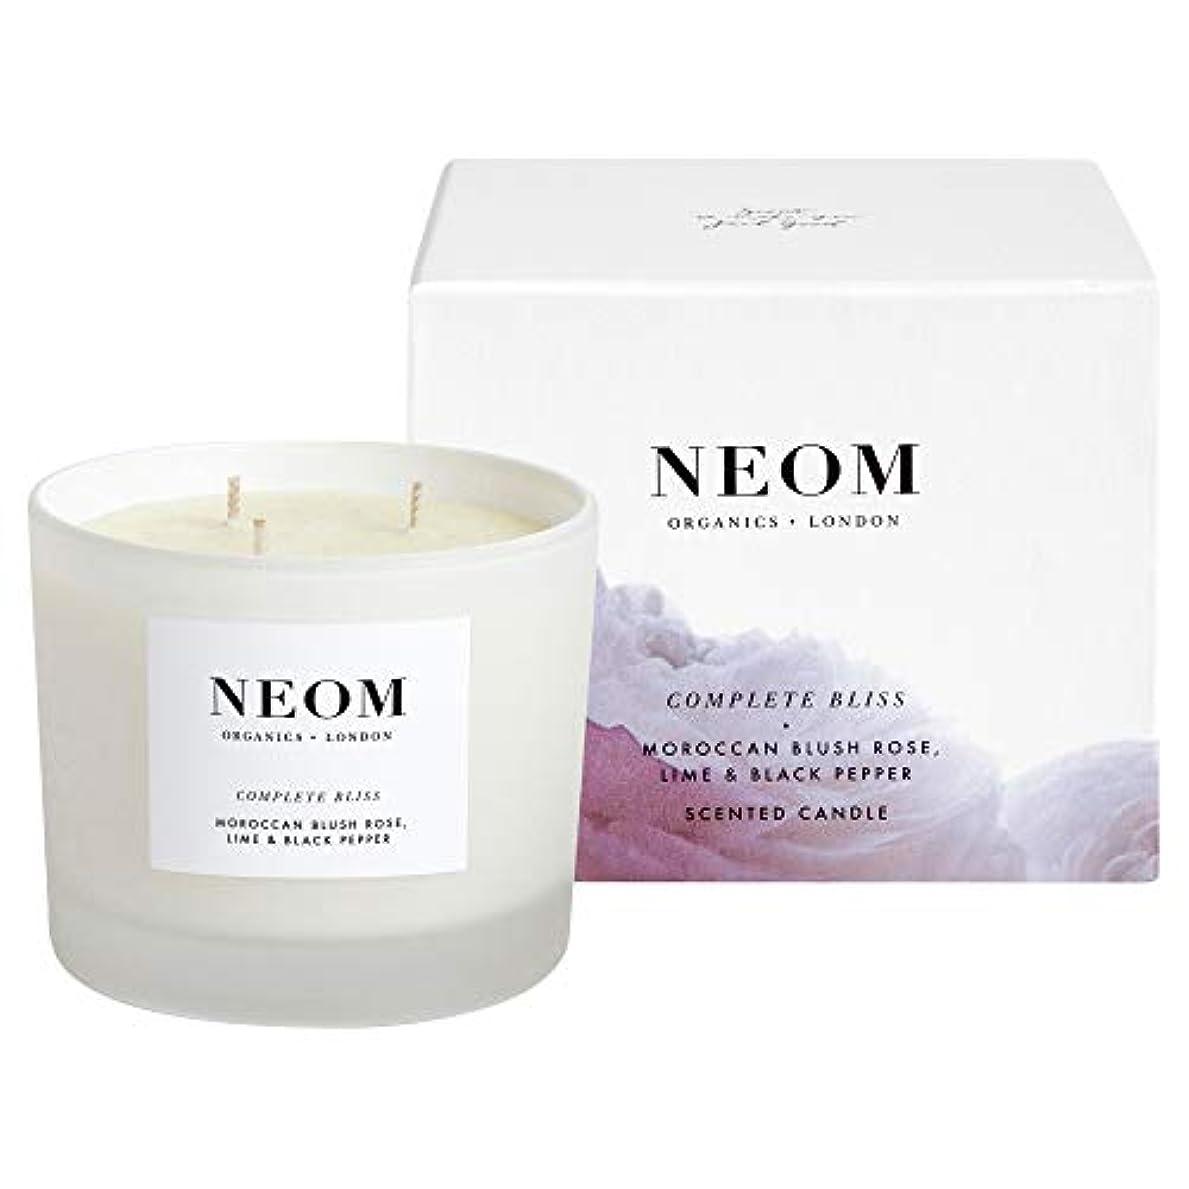 任命時代罹患率[Neom] Neom完全な至福3芯キャンドル420グラム - Neom Complete Bliss 3 Wick Candle 420g [並行輸入品]